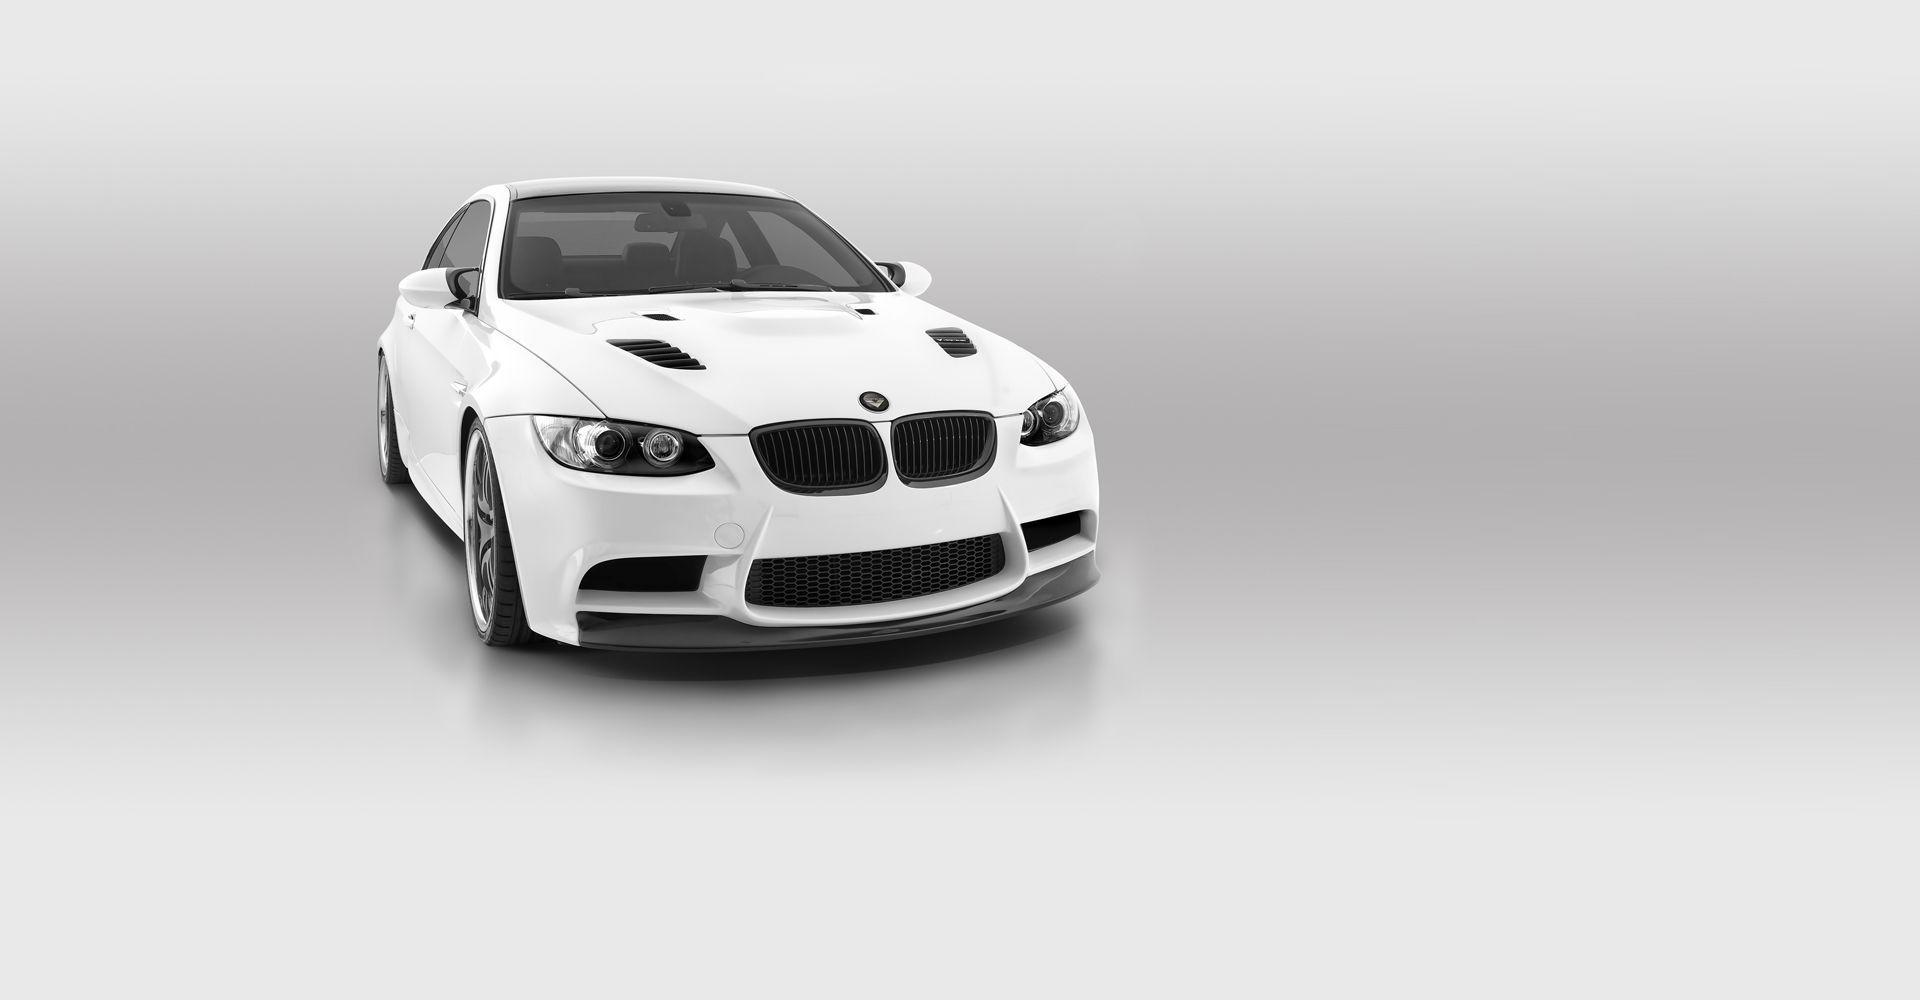 2013 BMW M3 | BMW E9X M3